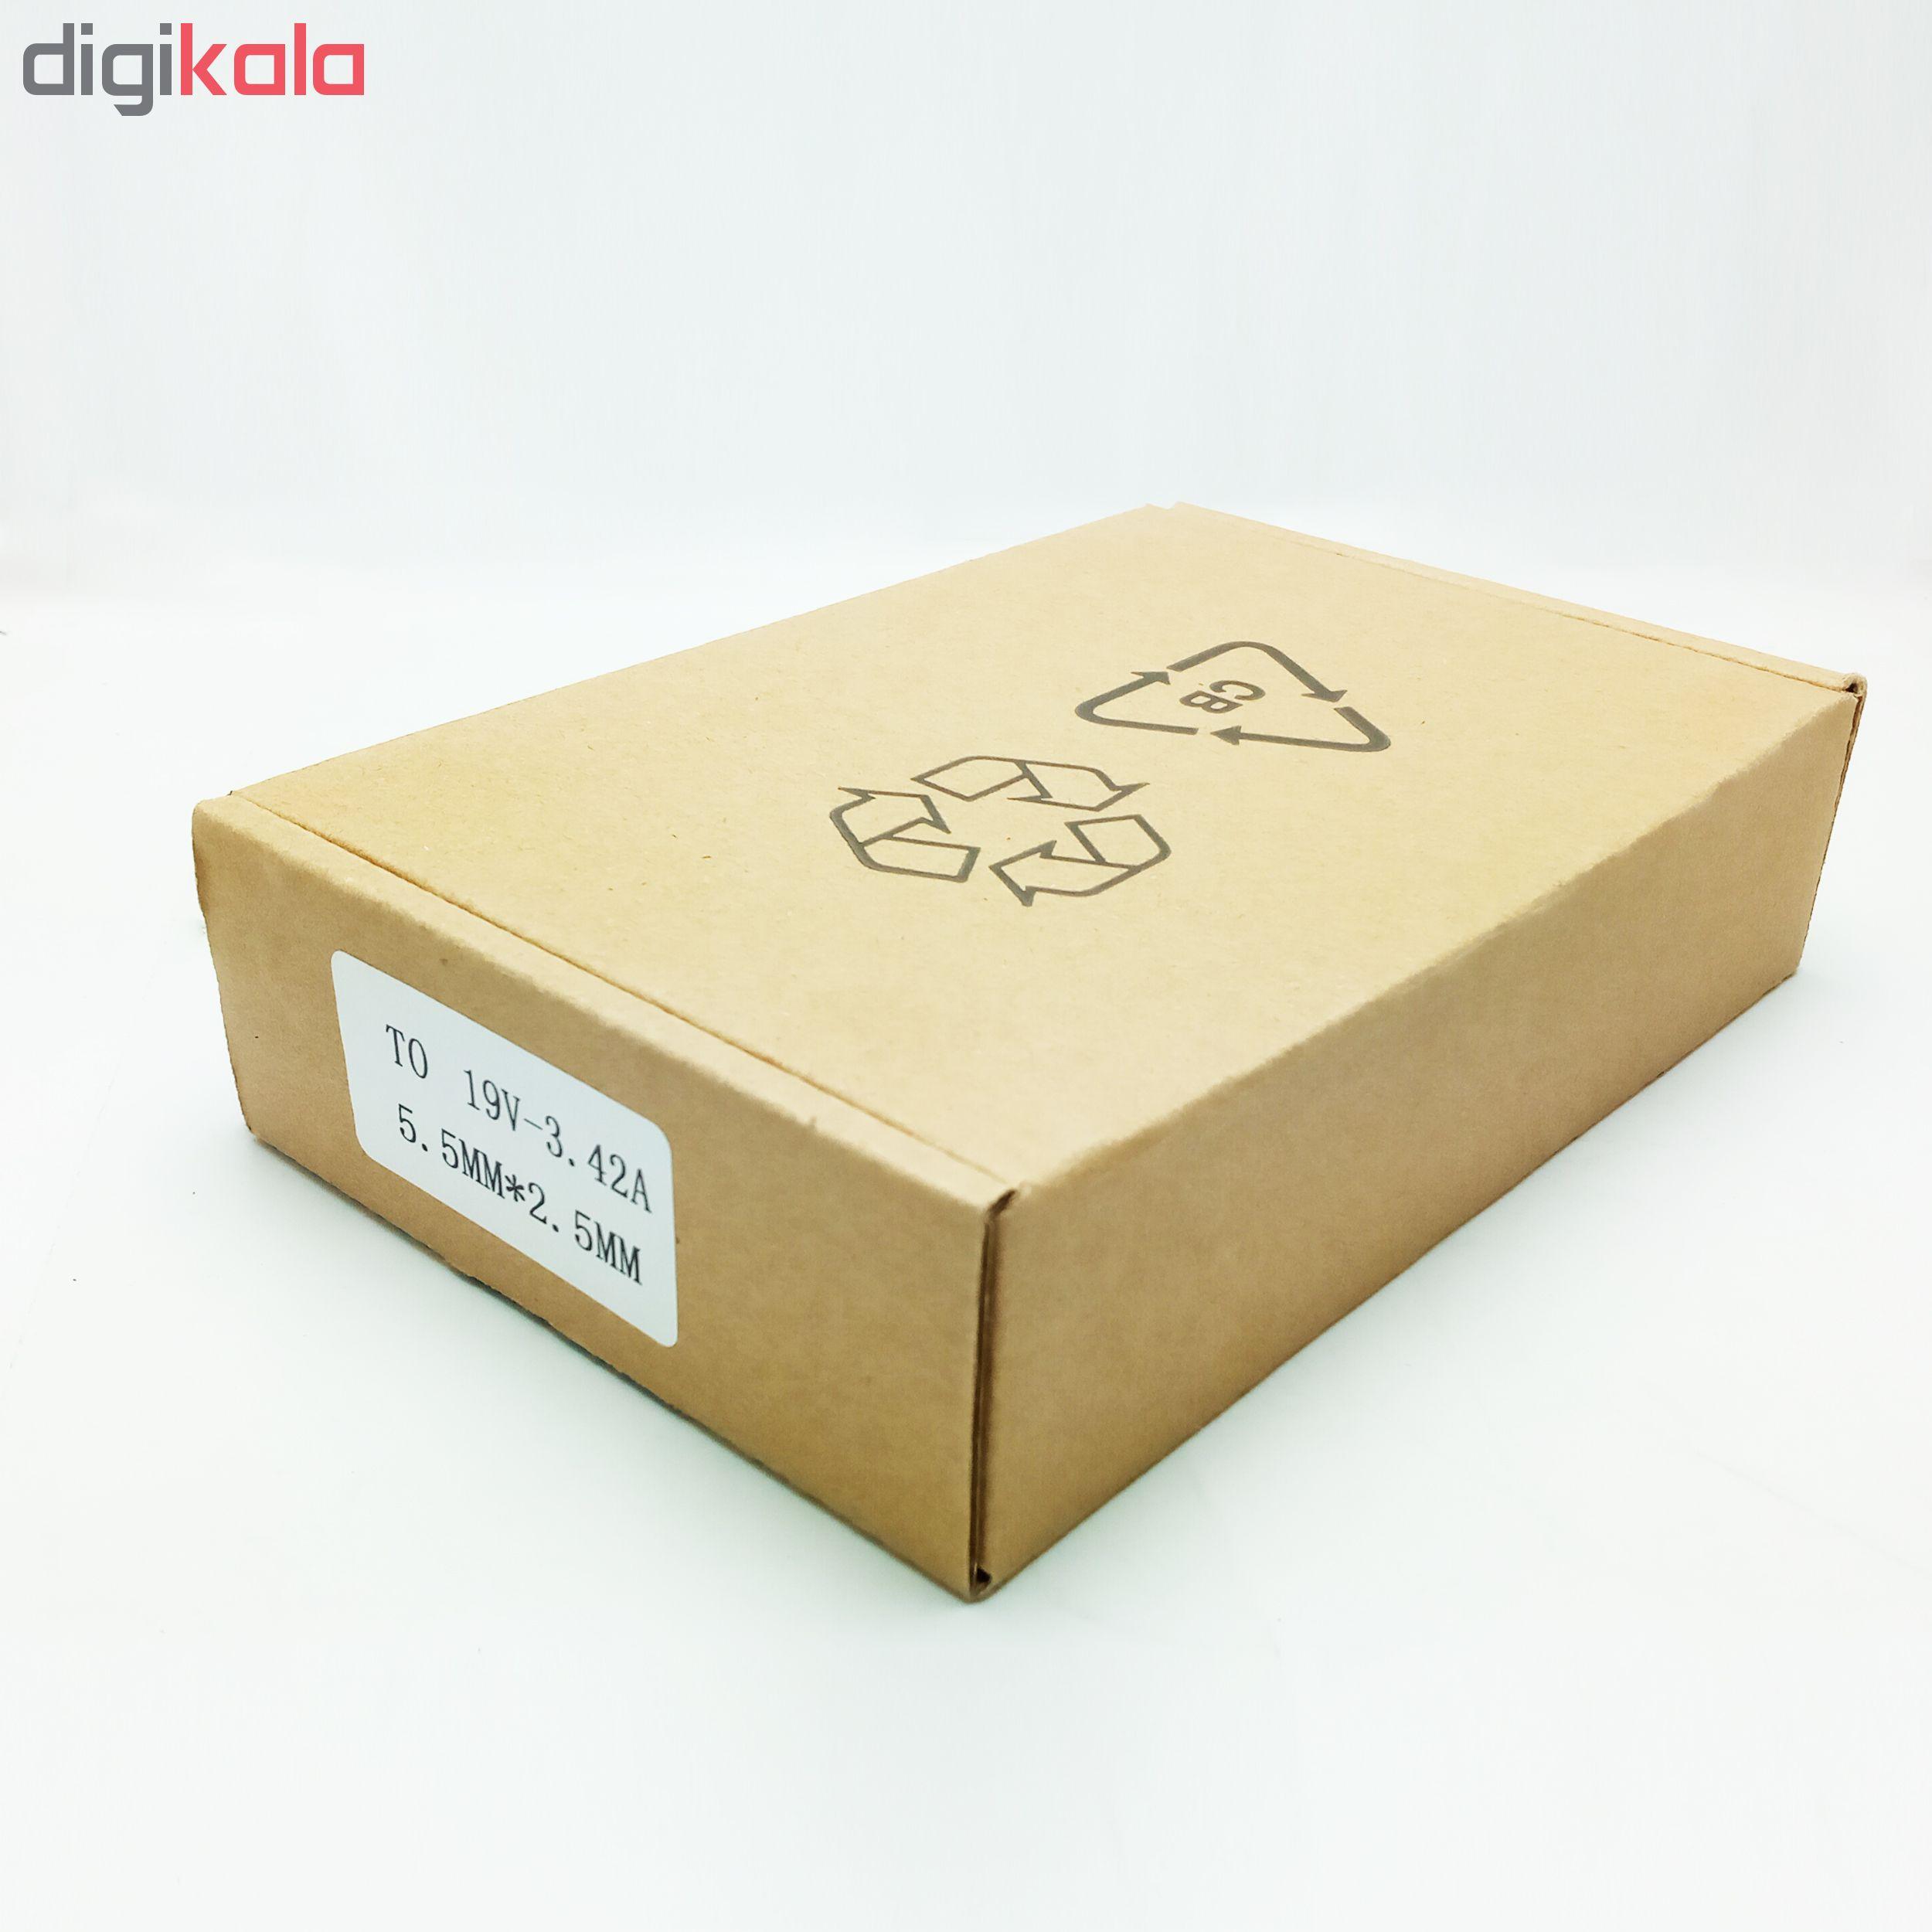 شارژر لپ تاپ 19 ولت 3.42 آمپر پاور گو مدل PWG-TO main 1 3